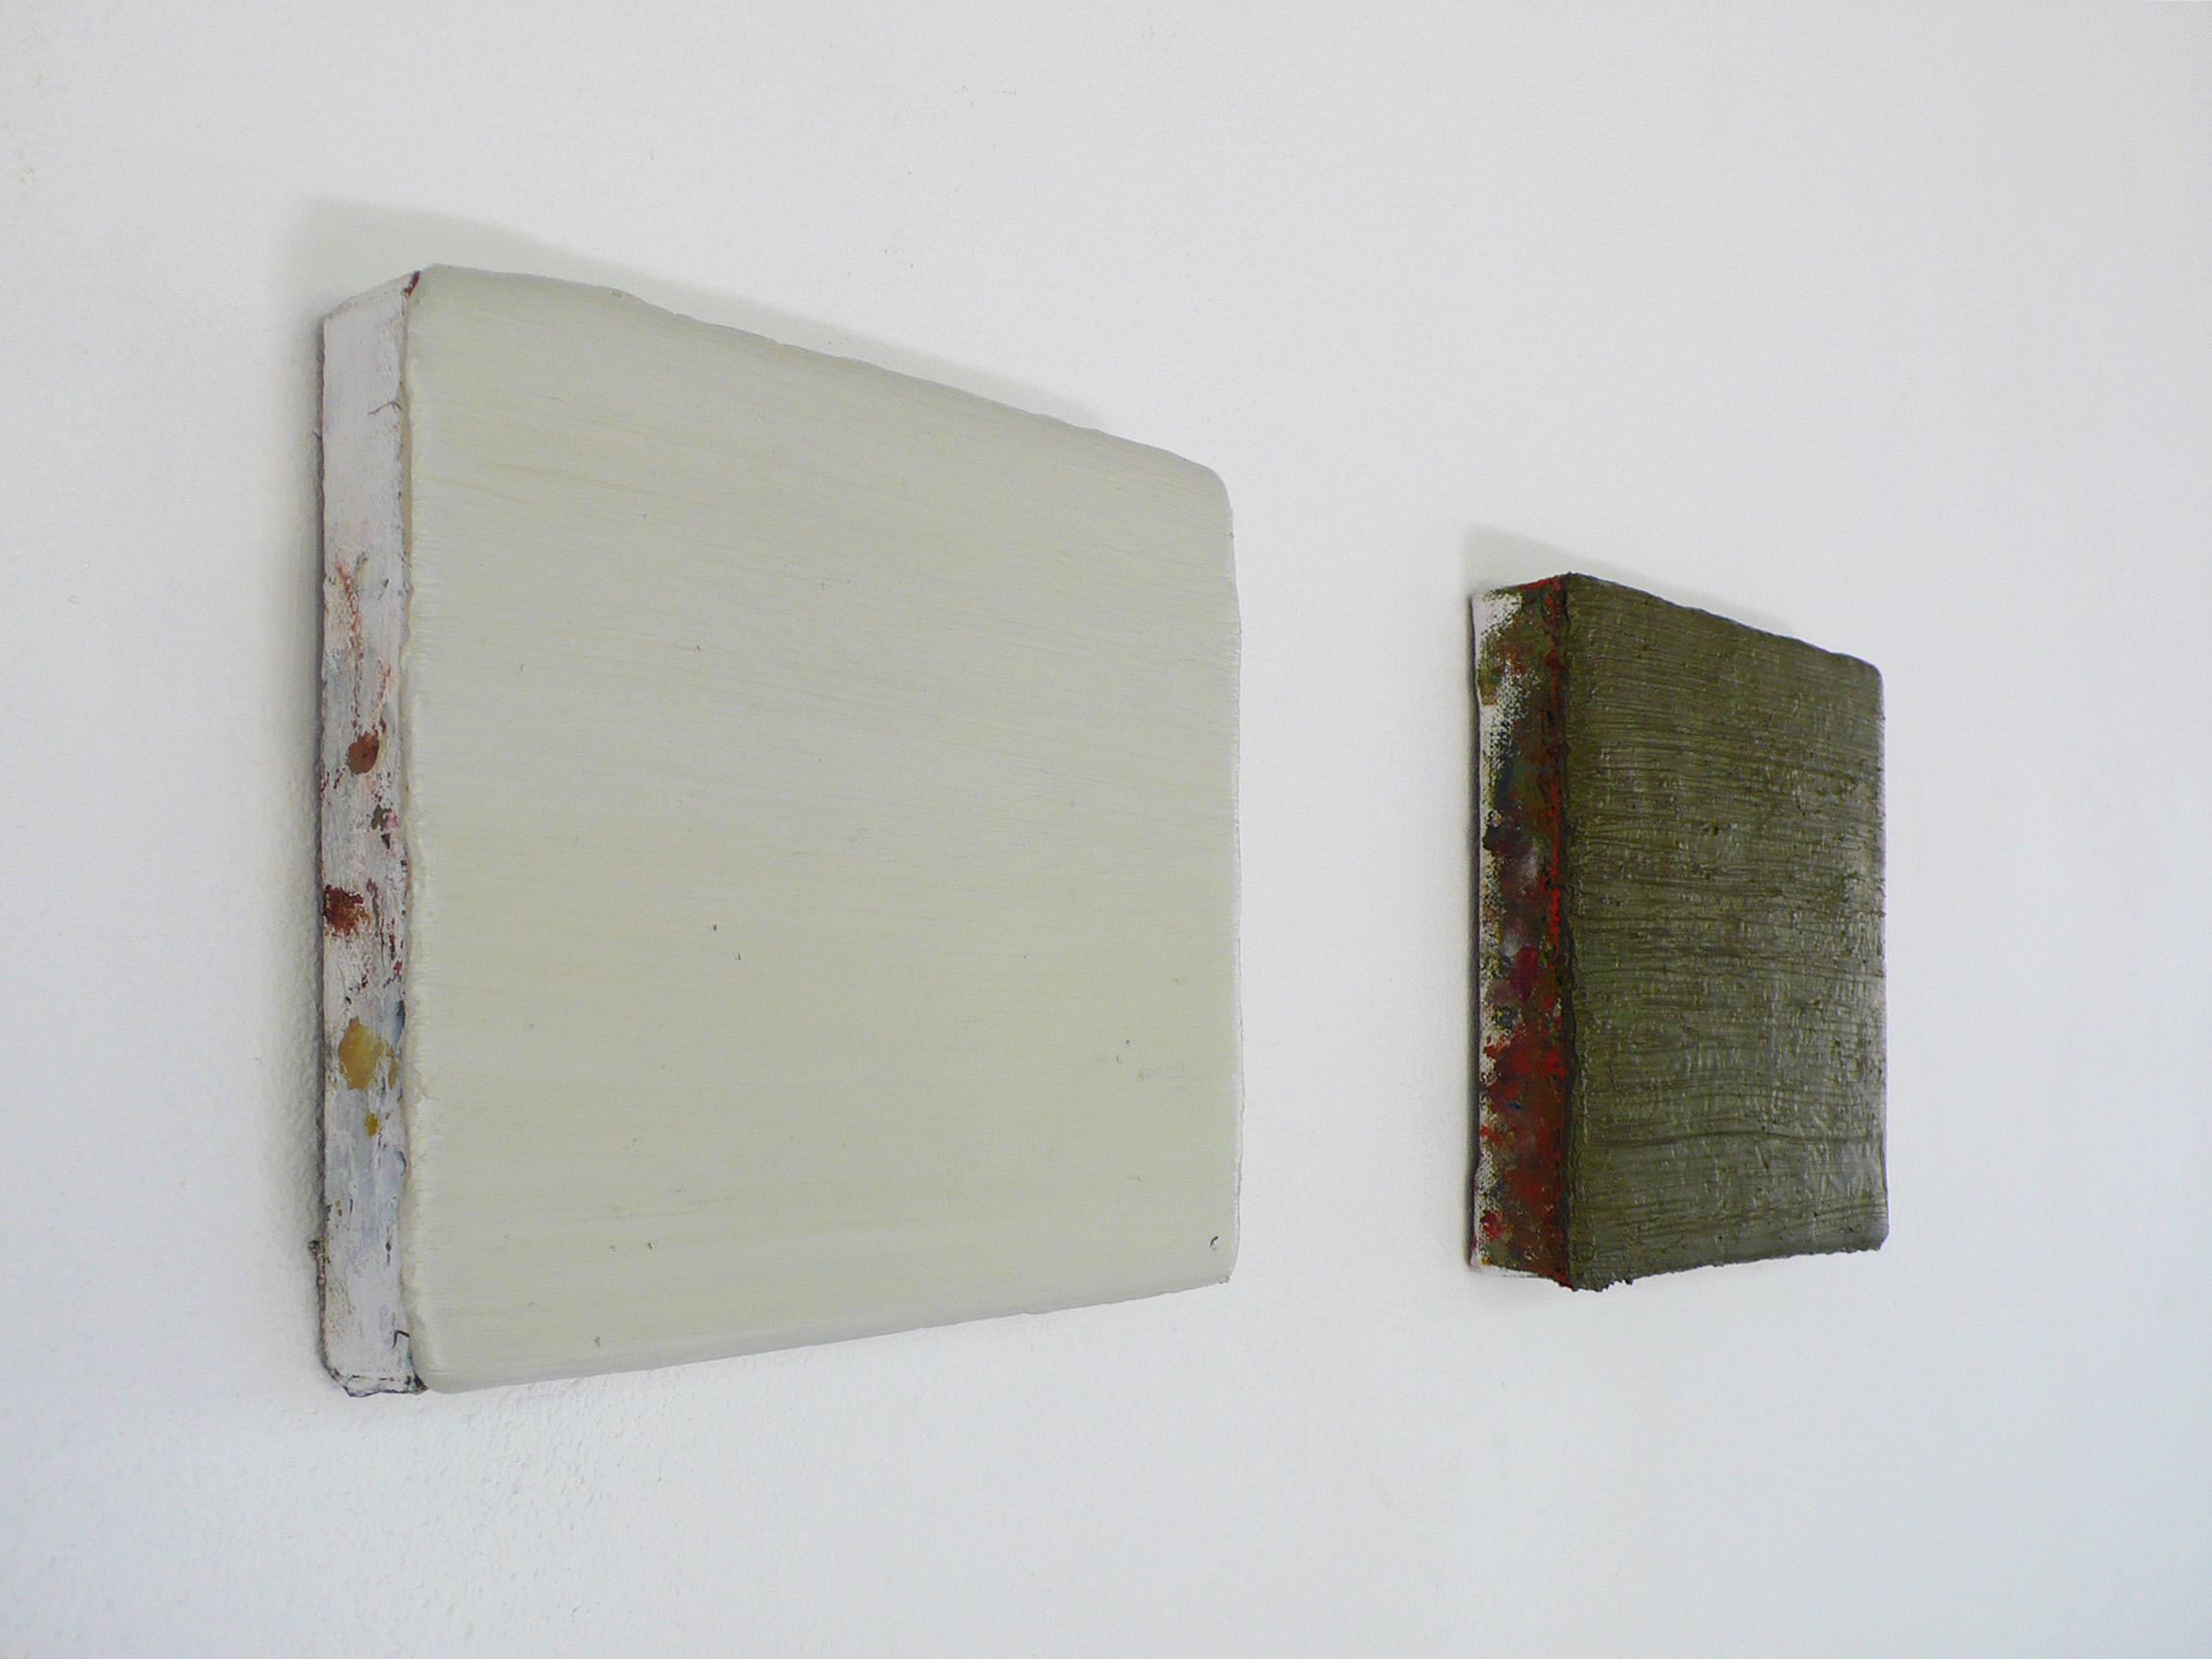 Ausstellung im Pavillon im Milchhof zeigt monochrome Arbeiten von Daniela Pukropski